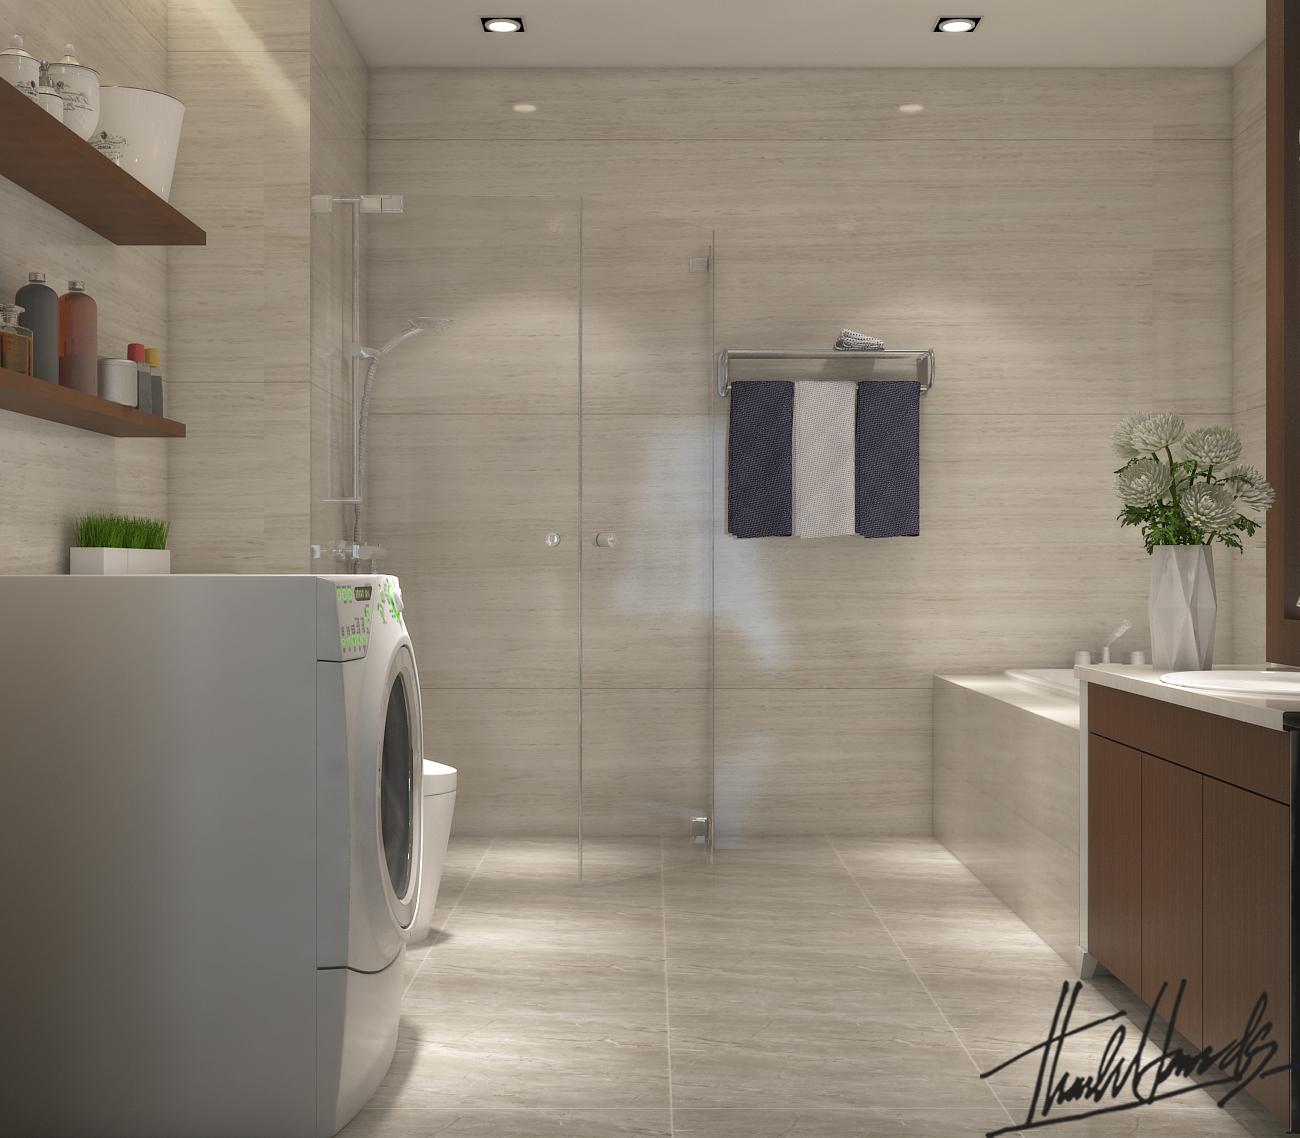 thiết kế nội thất chung cư tại Hà Nội chung cư roya city 17 1568274328